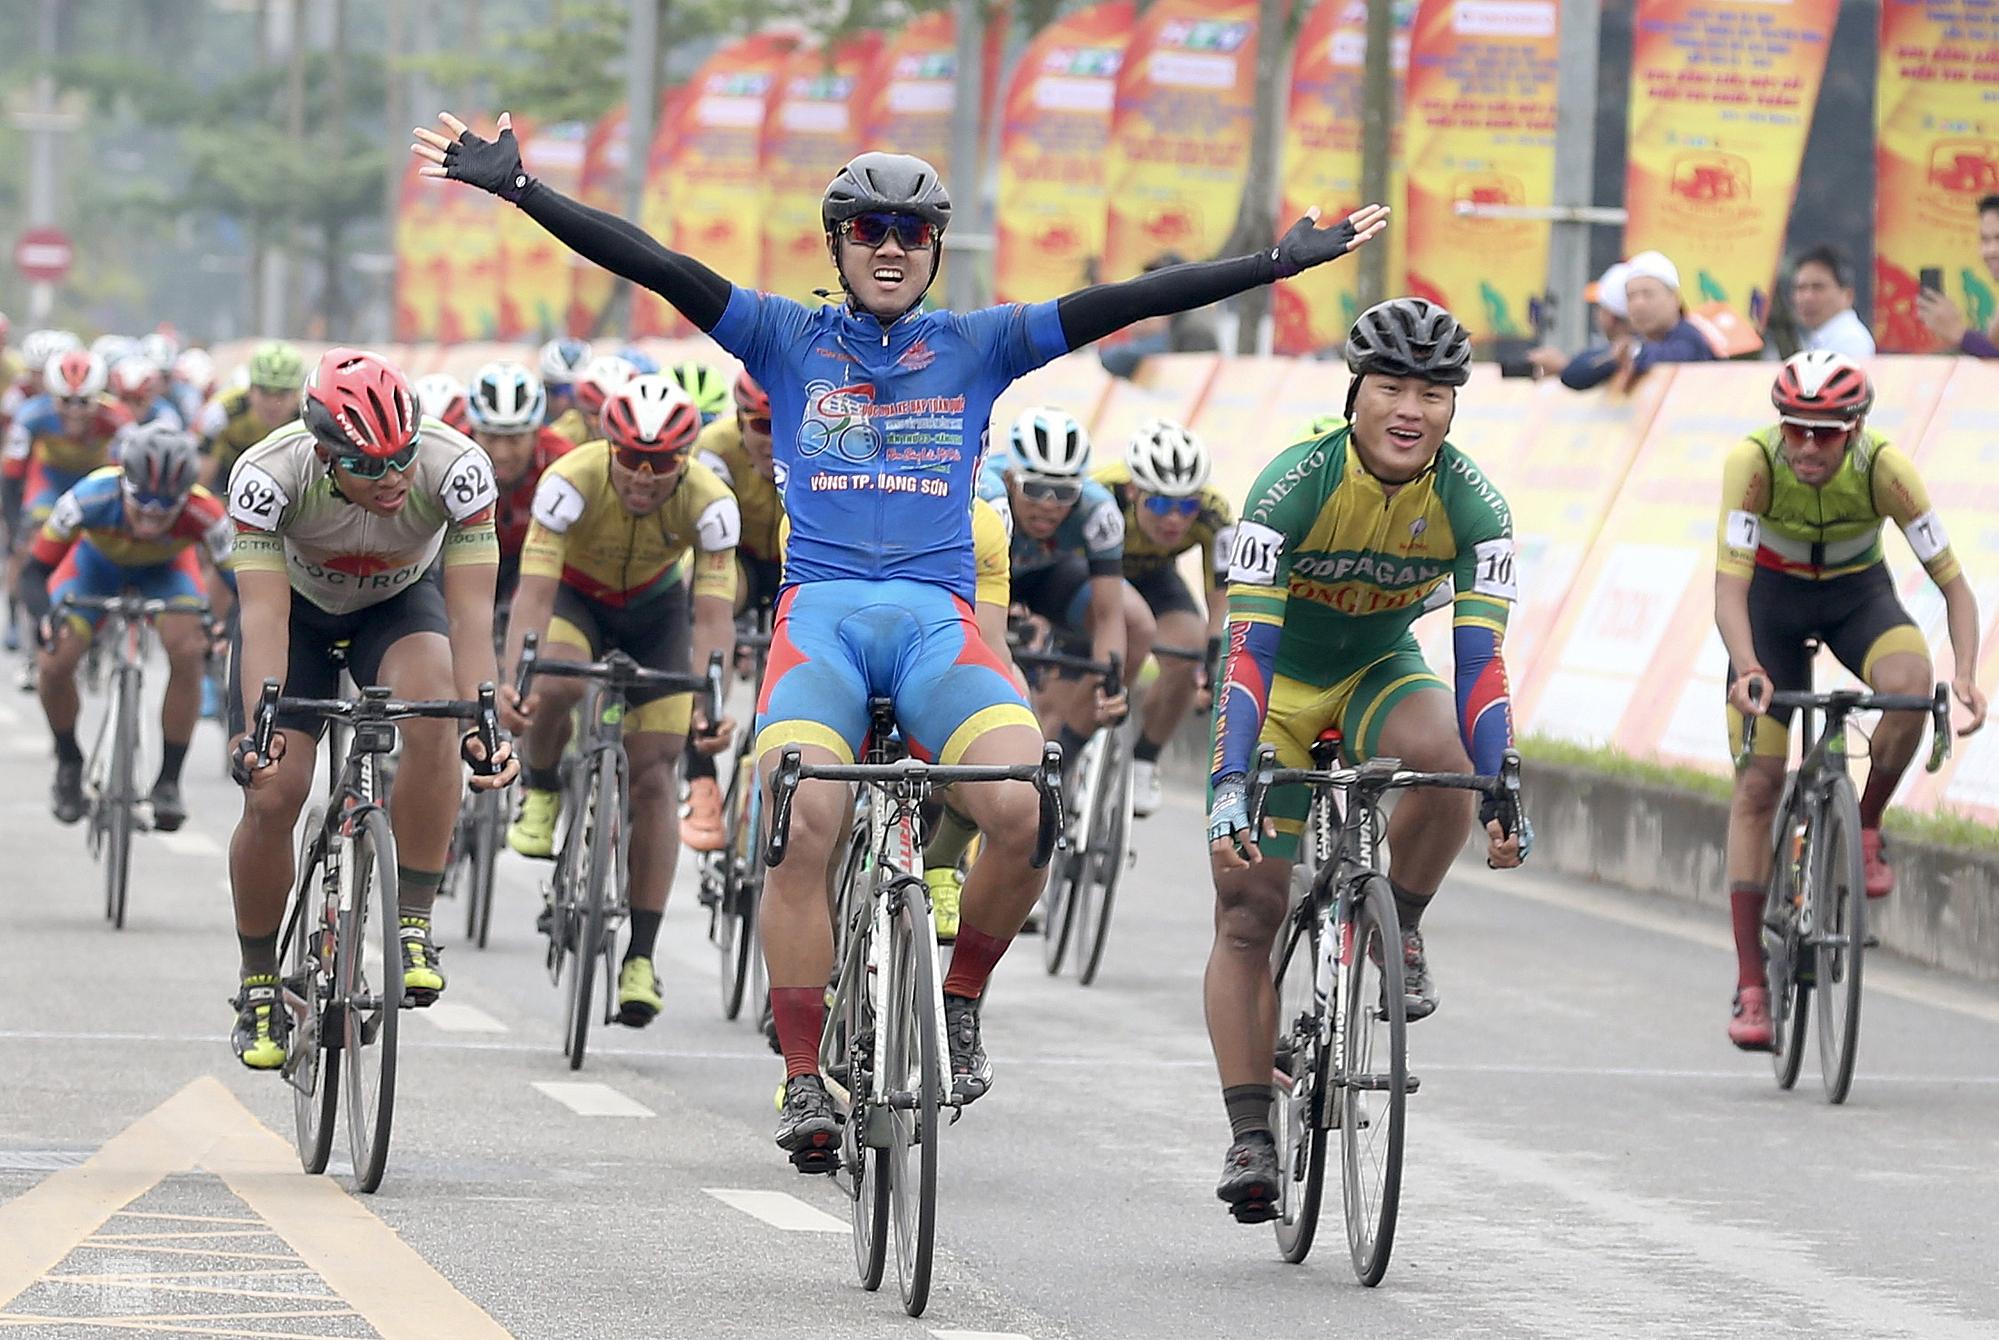 Giành chiến thắng ở chặng đua về Thủ đô Hà Nội, Nguyễn Tấn Hoài tạm chiếm hai danh hiệu cao quý của giải. Ảnh: TĐÁ.